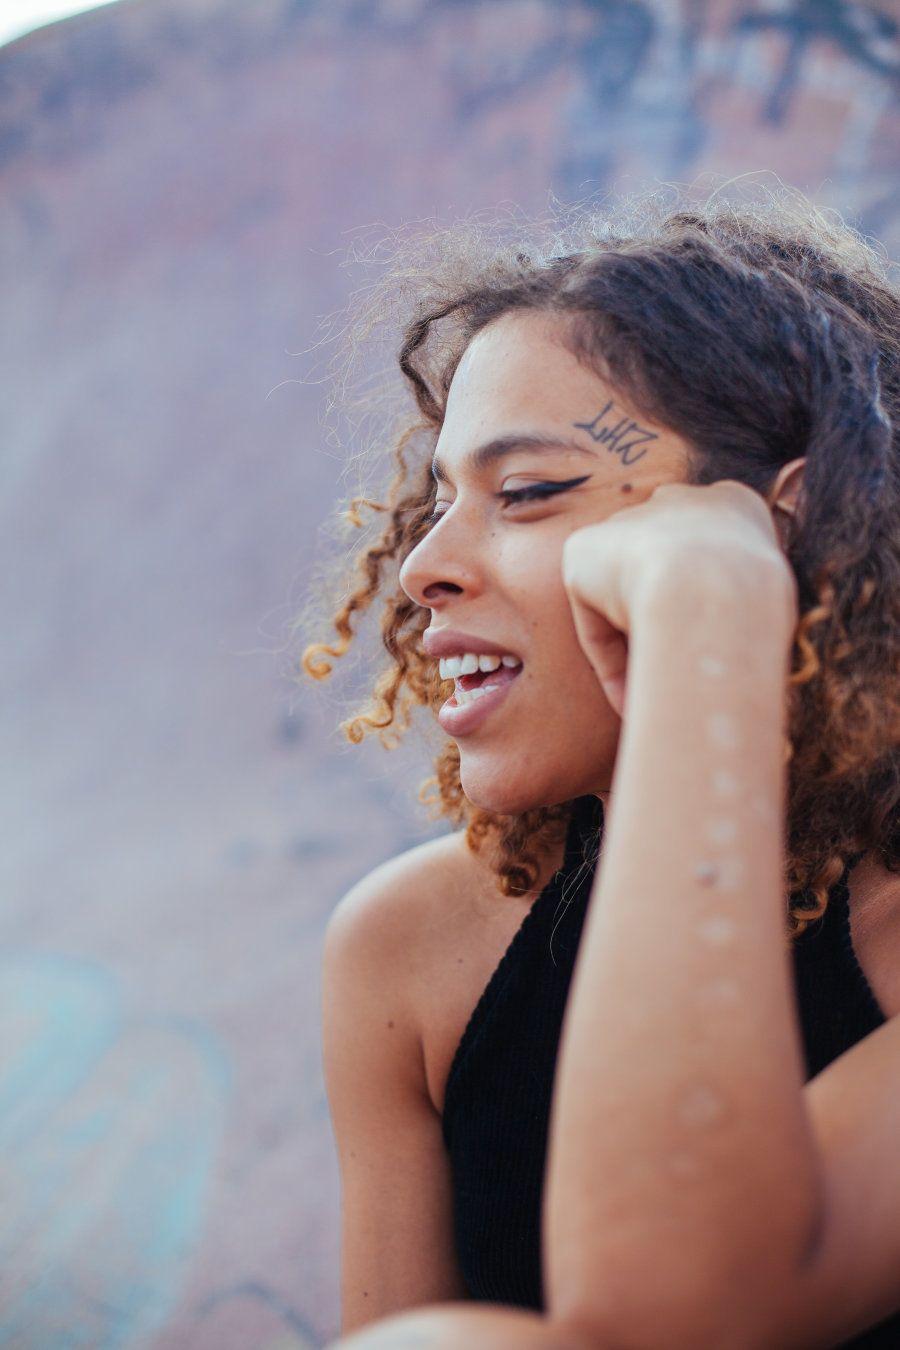 Rosa Luz é mulher trans, negra, rapper, youtuber, artista, comunicadora e muito